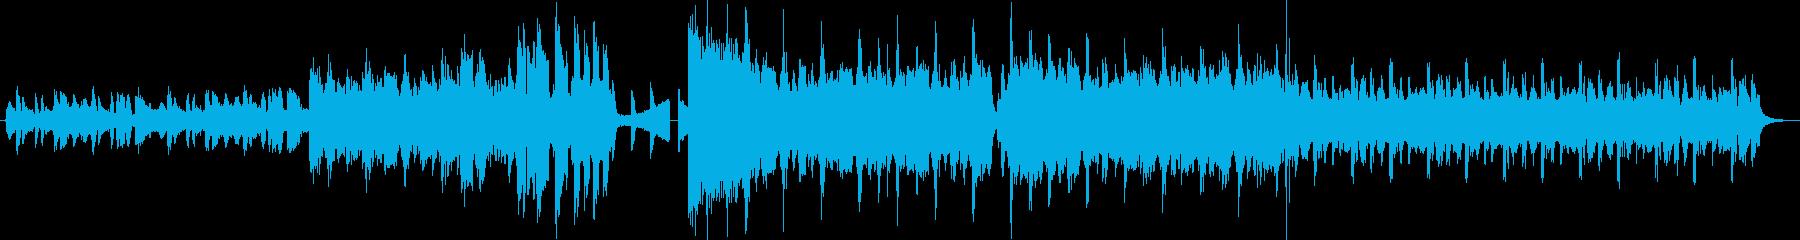 配信のオープニング等に使える楽曲の再生済みの波形